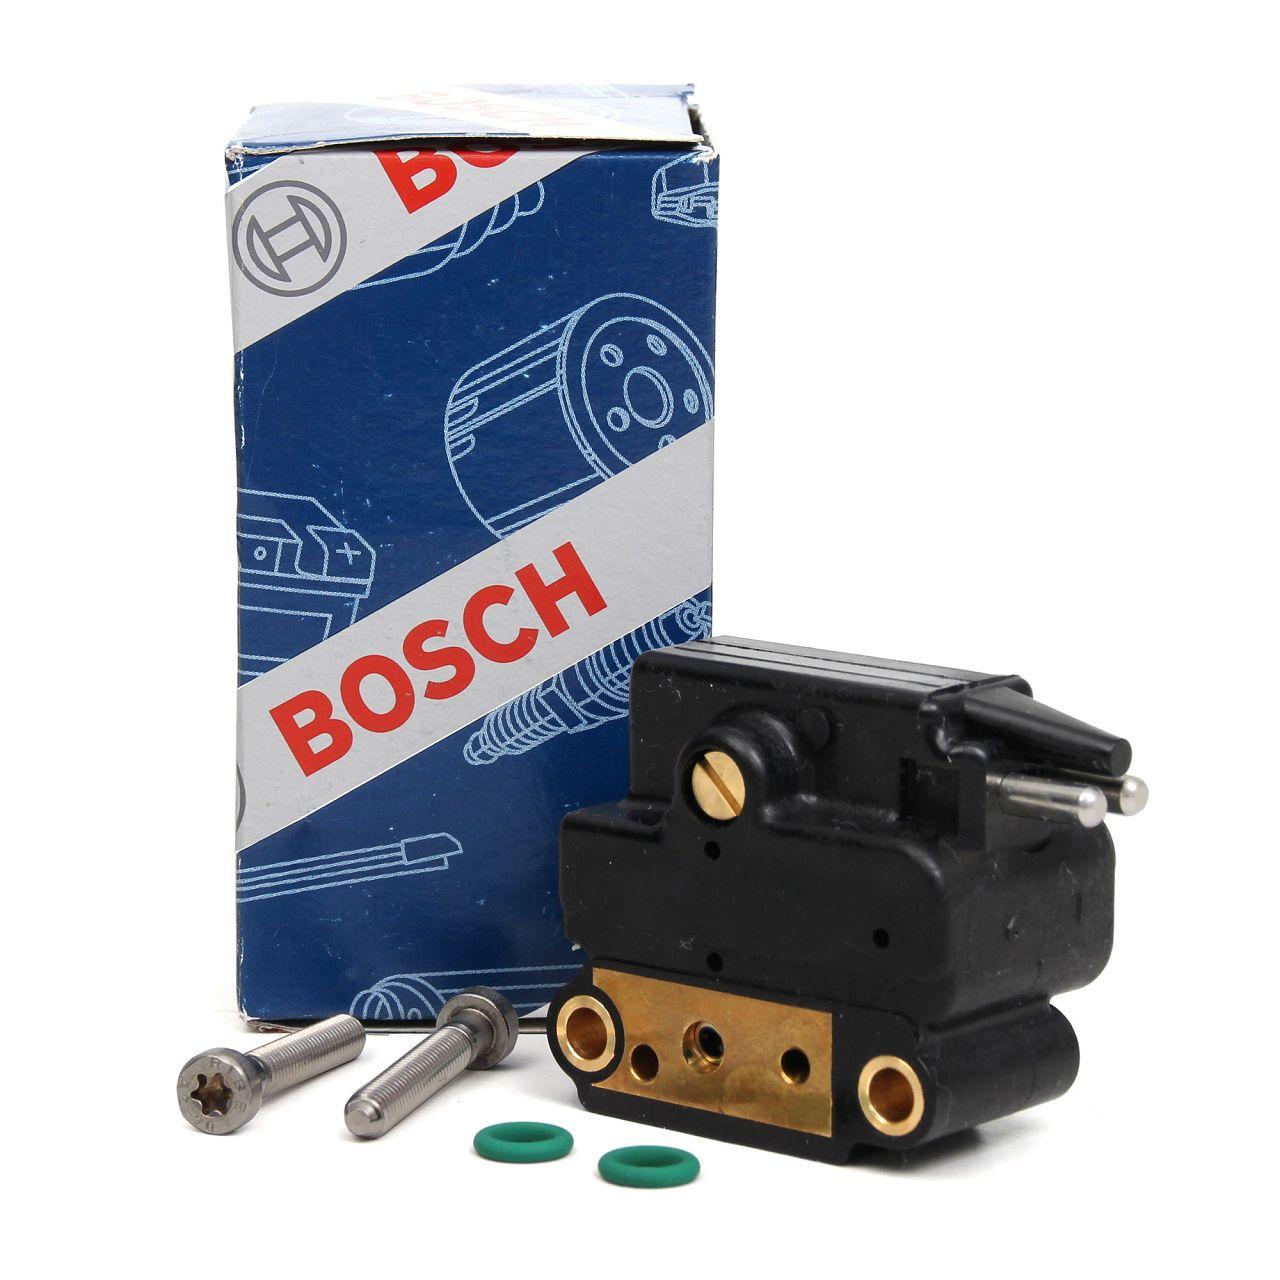 BOSCH F026T03002 Kraftstoffdruckregler Drucksteller inkl. Dichtungen + Schrauben